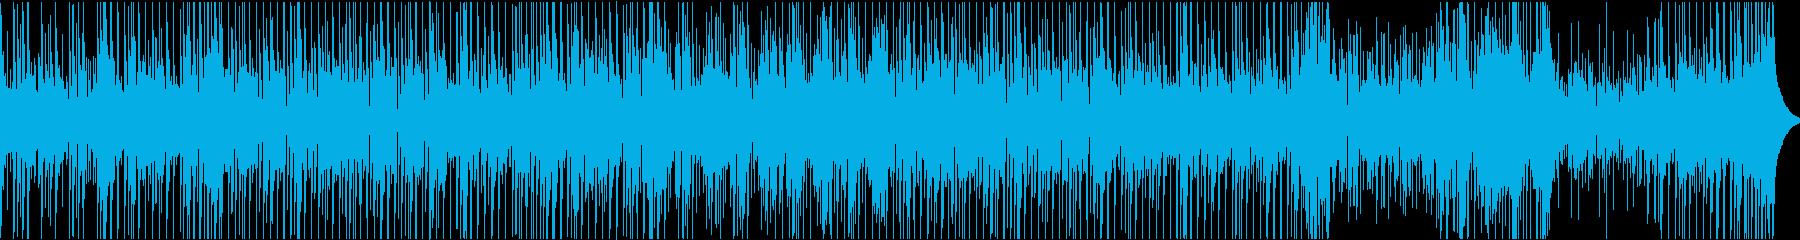 タンゴ サンバ お笑い 面白い ア...の再生済みの波形